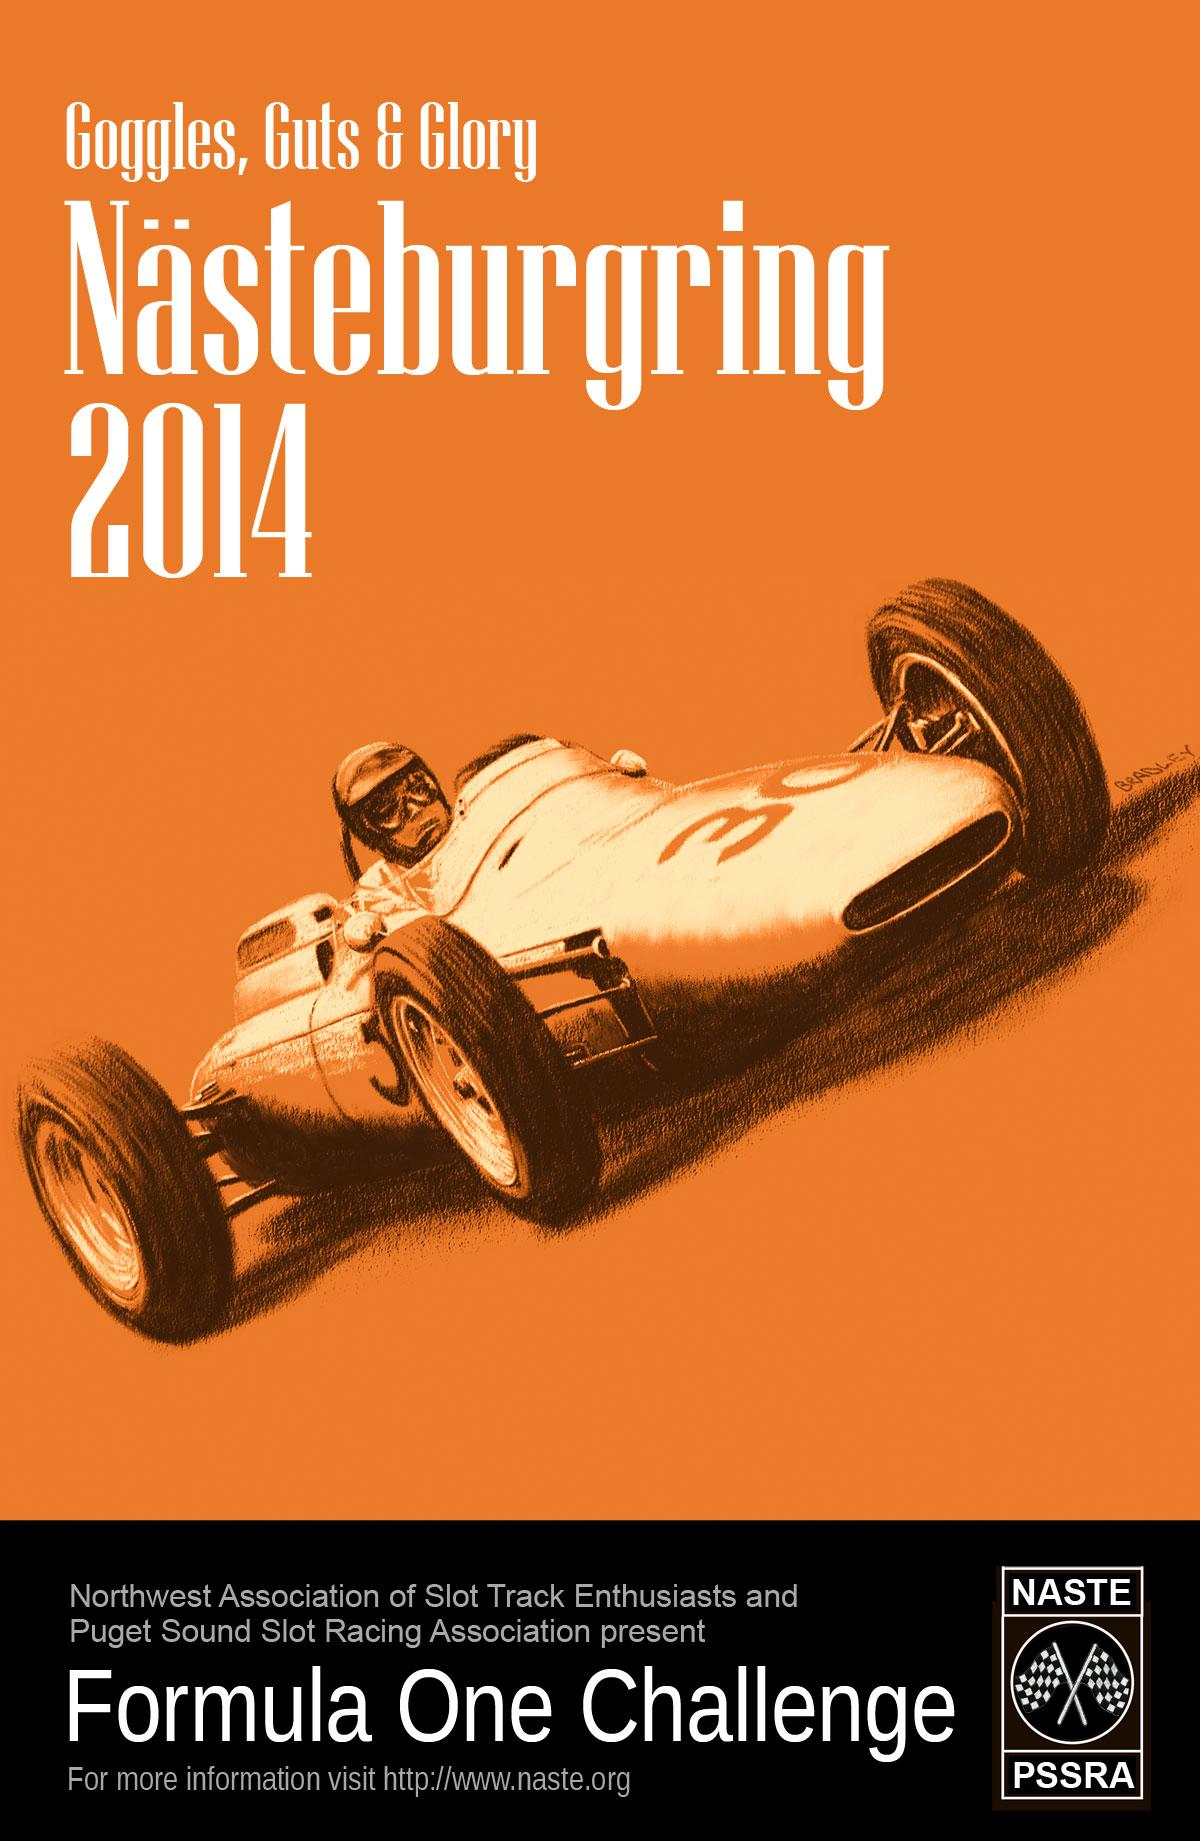 http://www.naste.org/members/monte/NASTEburgring.jpg